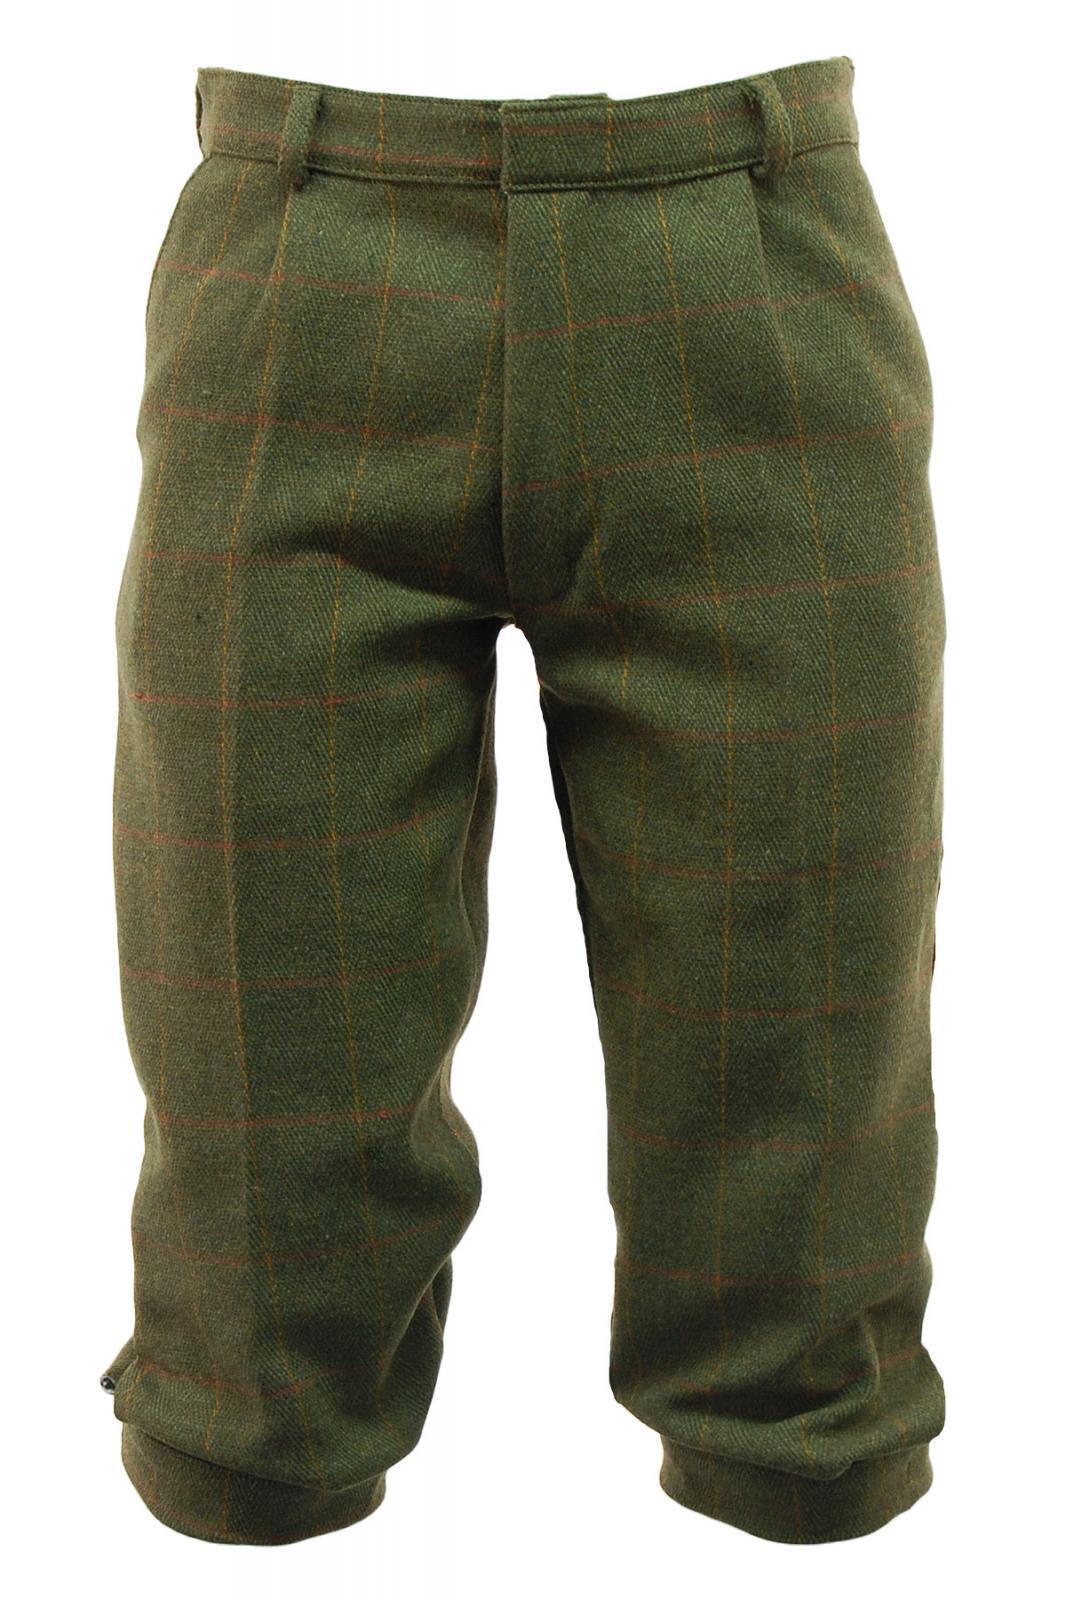 Game Derby Dark Tweed Breeks Men's Trousers Country Game Hunting Shooting